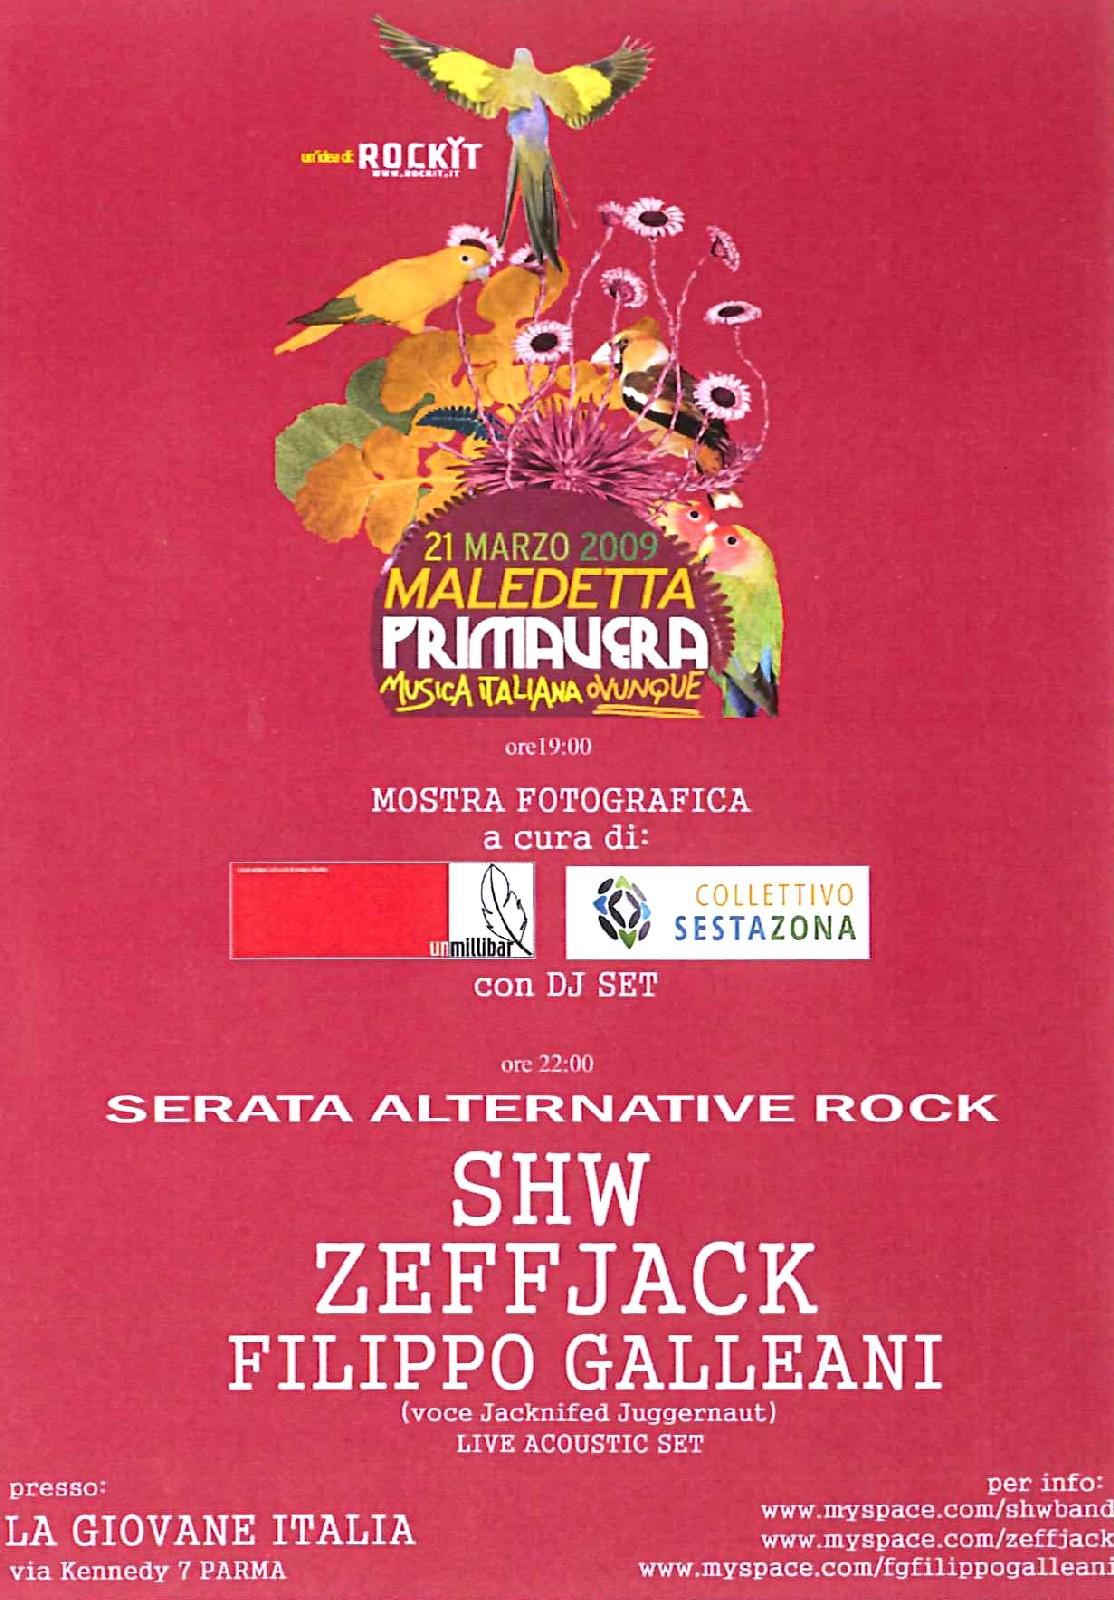 Maledetta Primavera Parma @La Giovane Italia